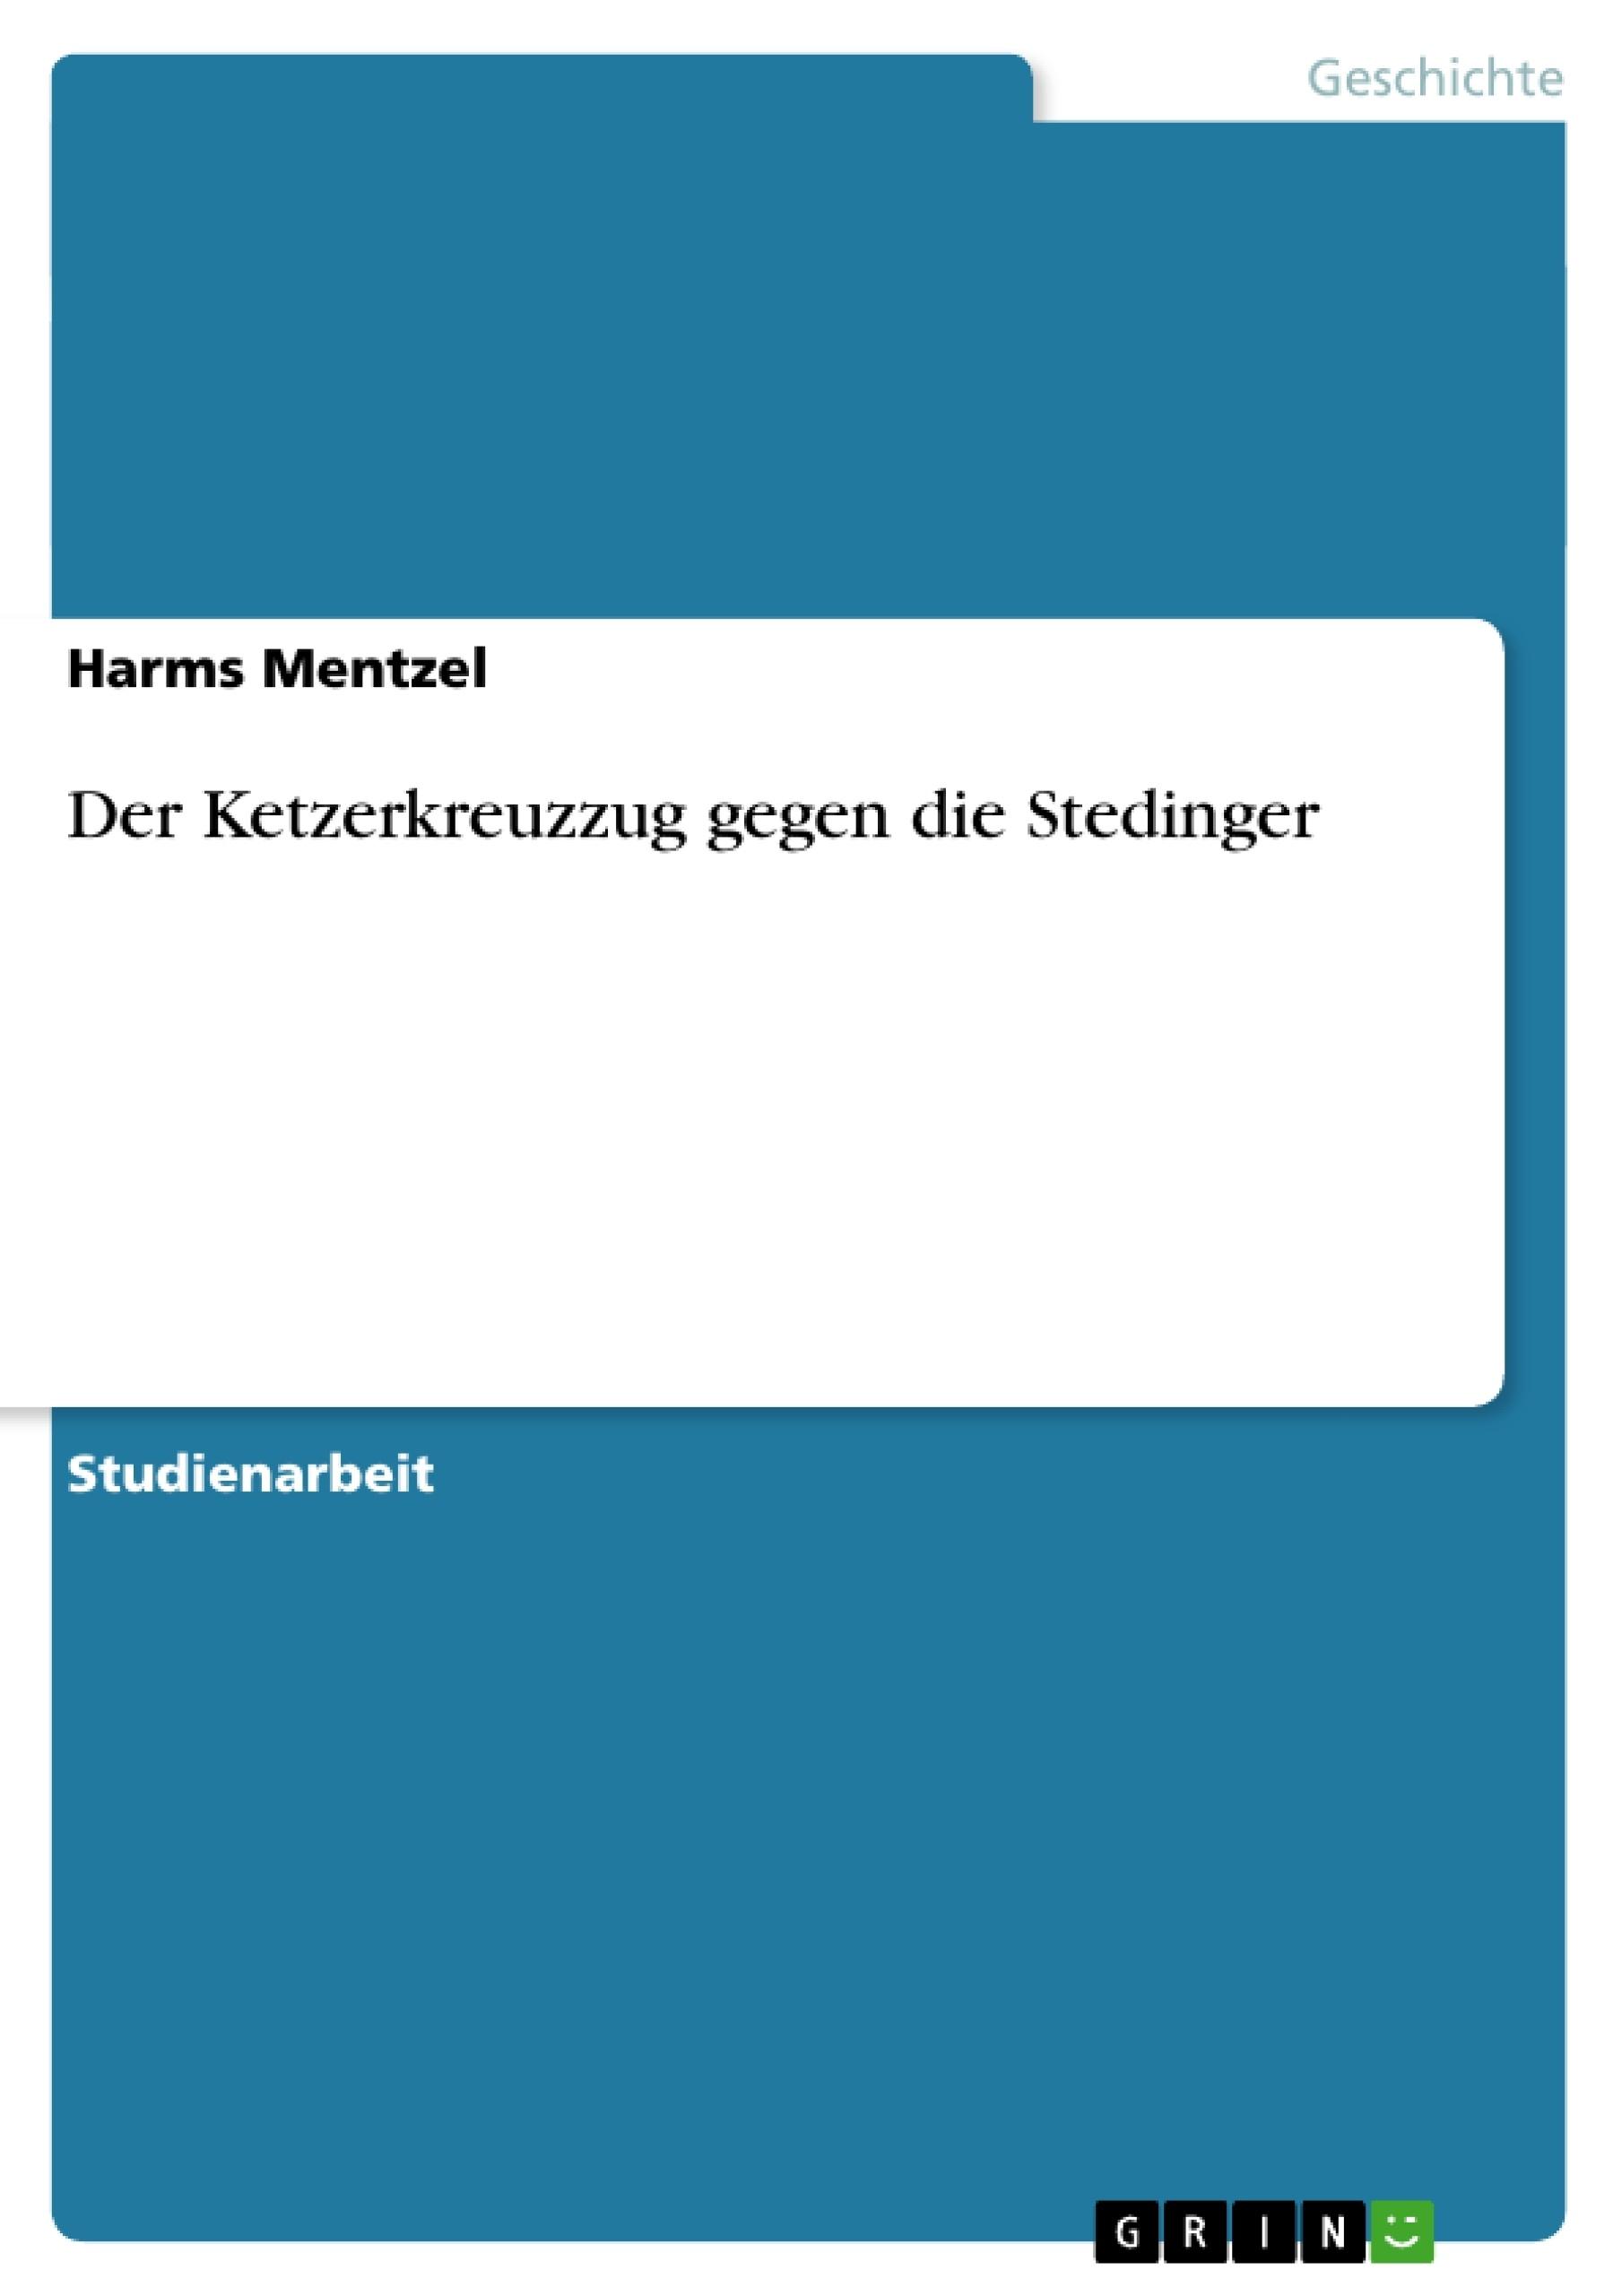 Titel: Der Ketzerkreuzzug gegen die Stedinger